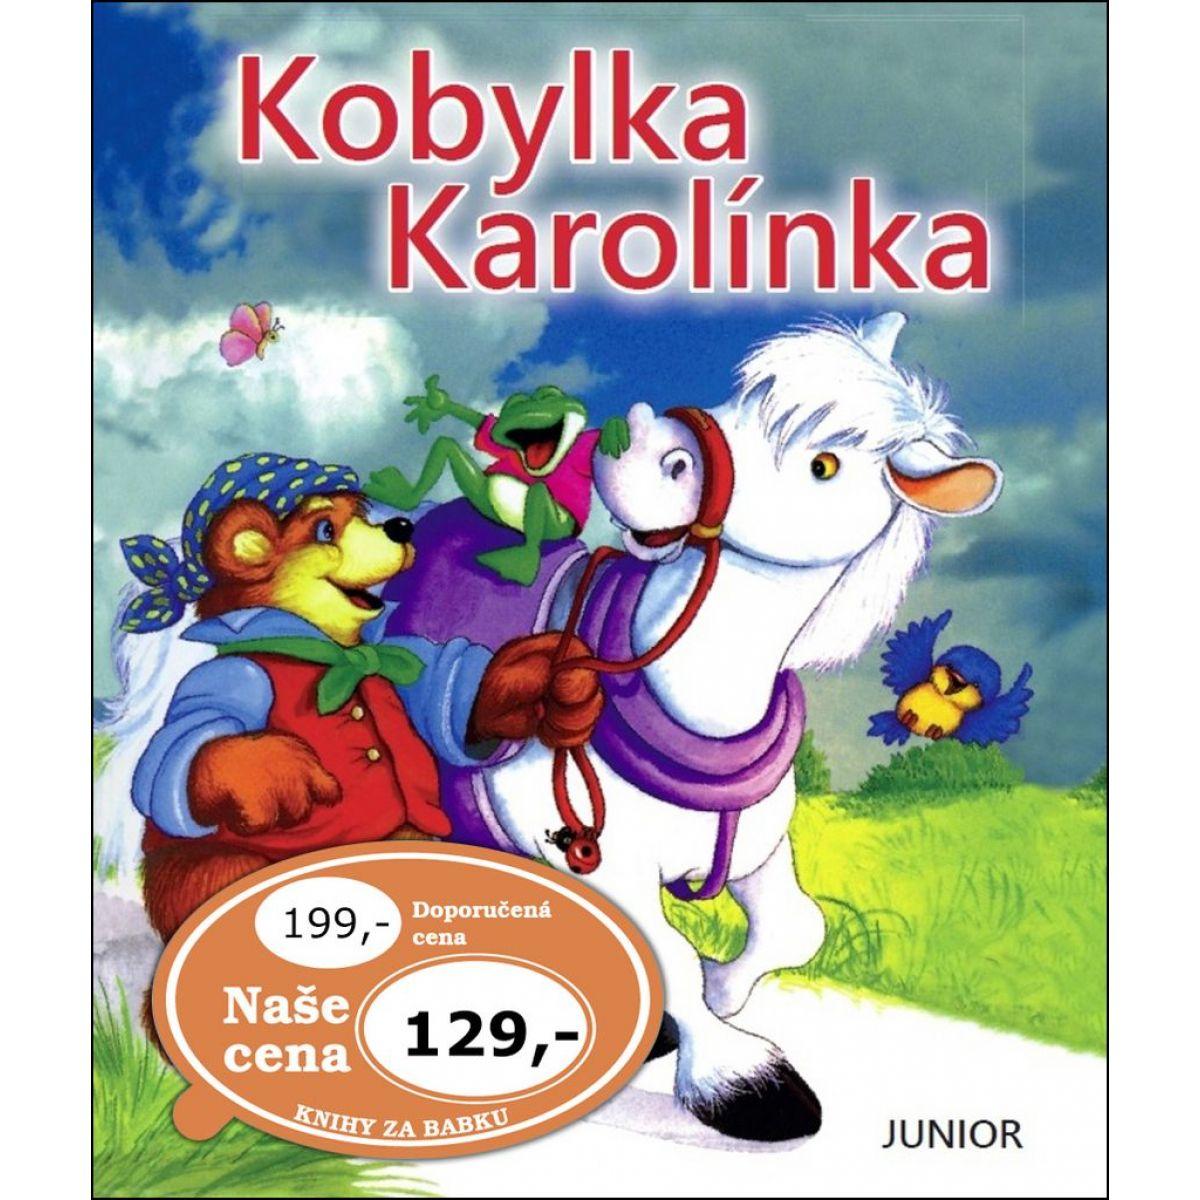 Junior Kobylka Karolínka